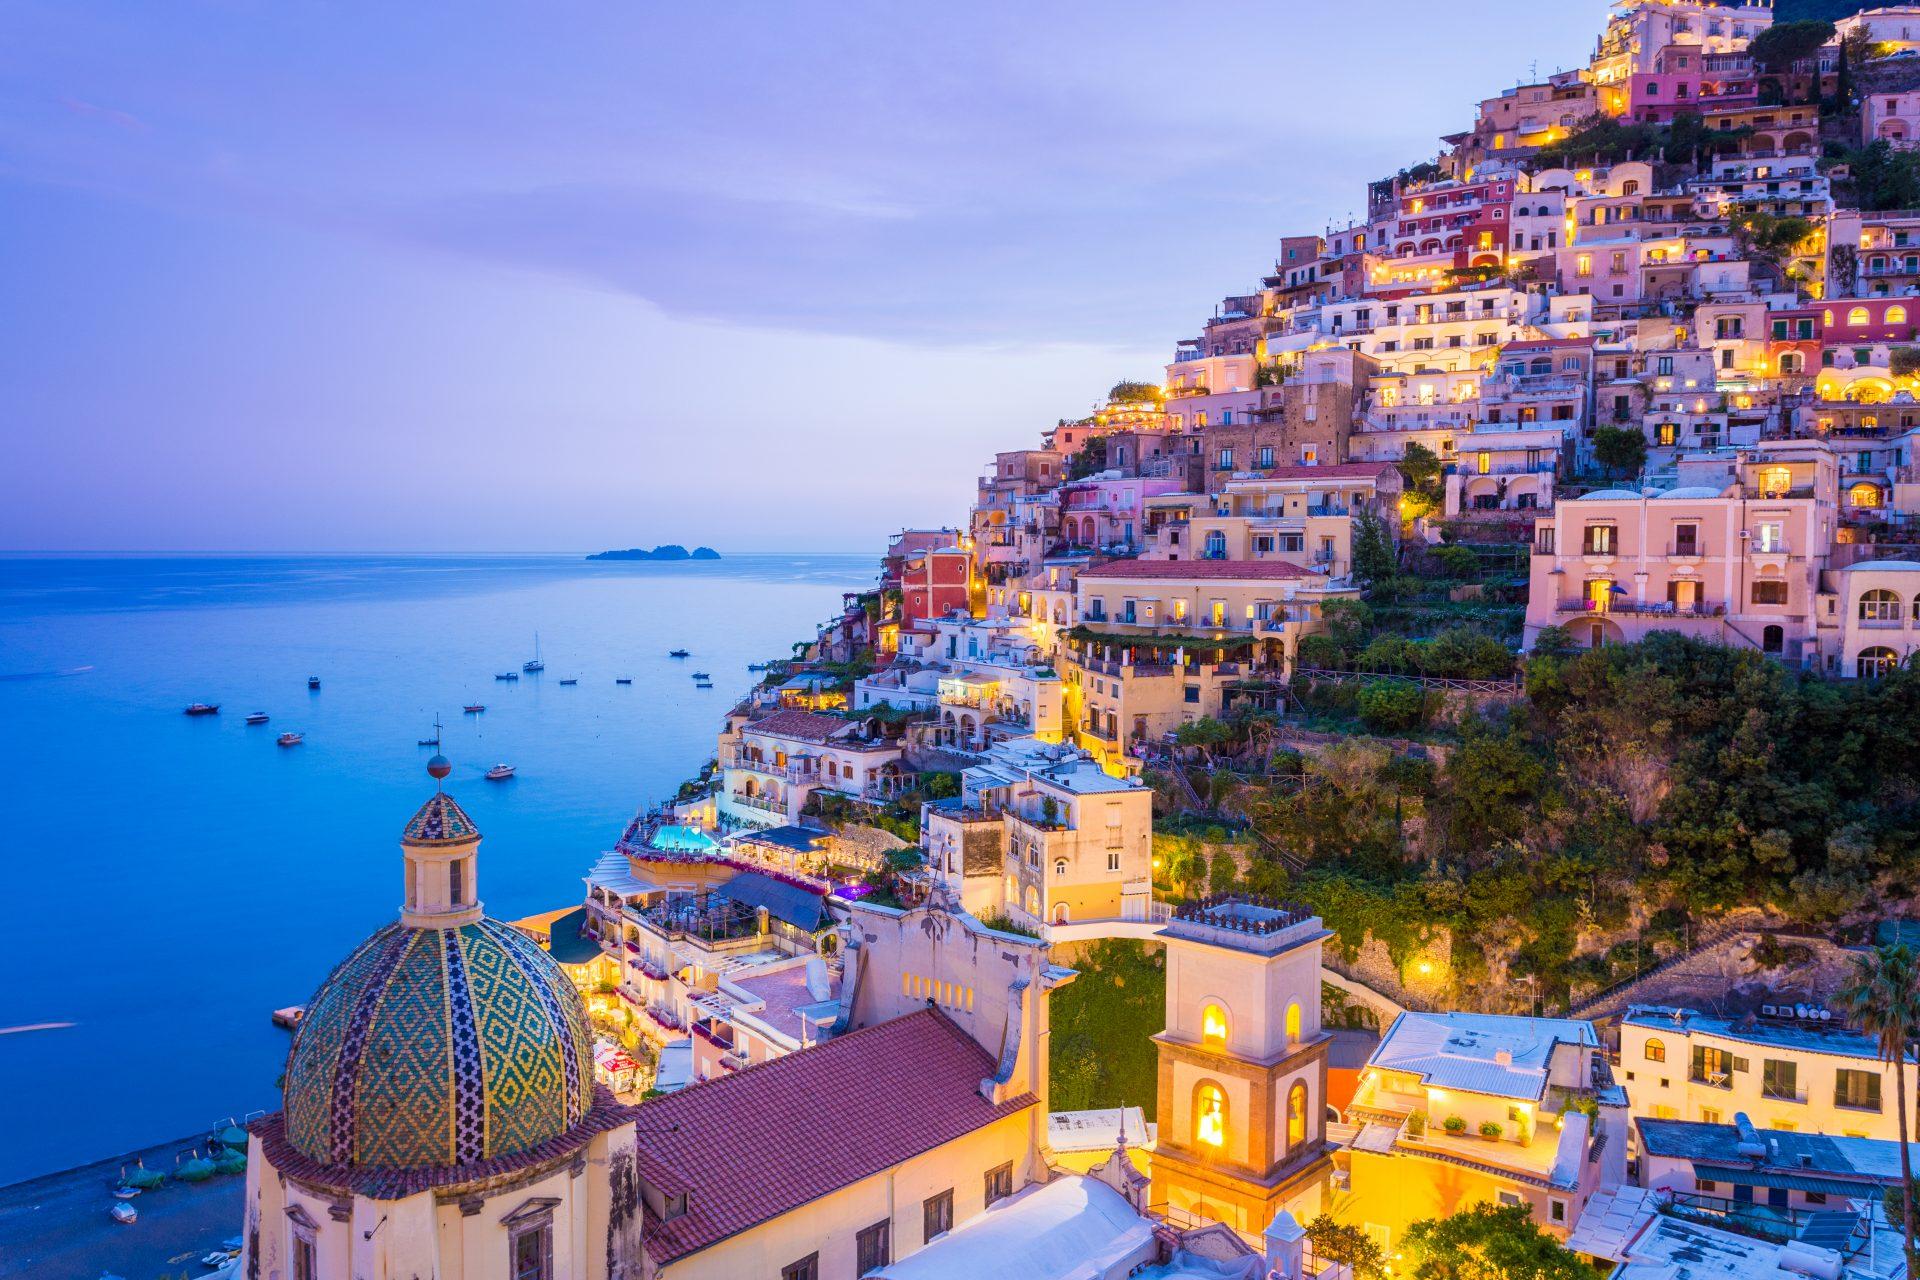 amalfi coast cruise coloured houses and sea views